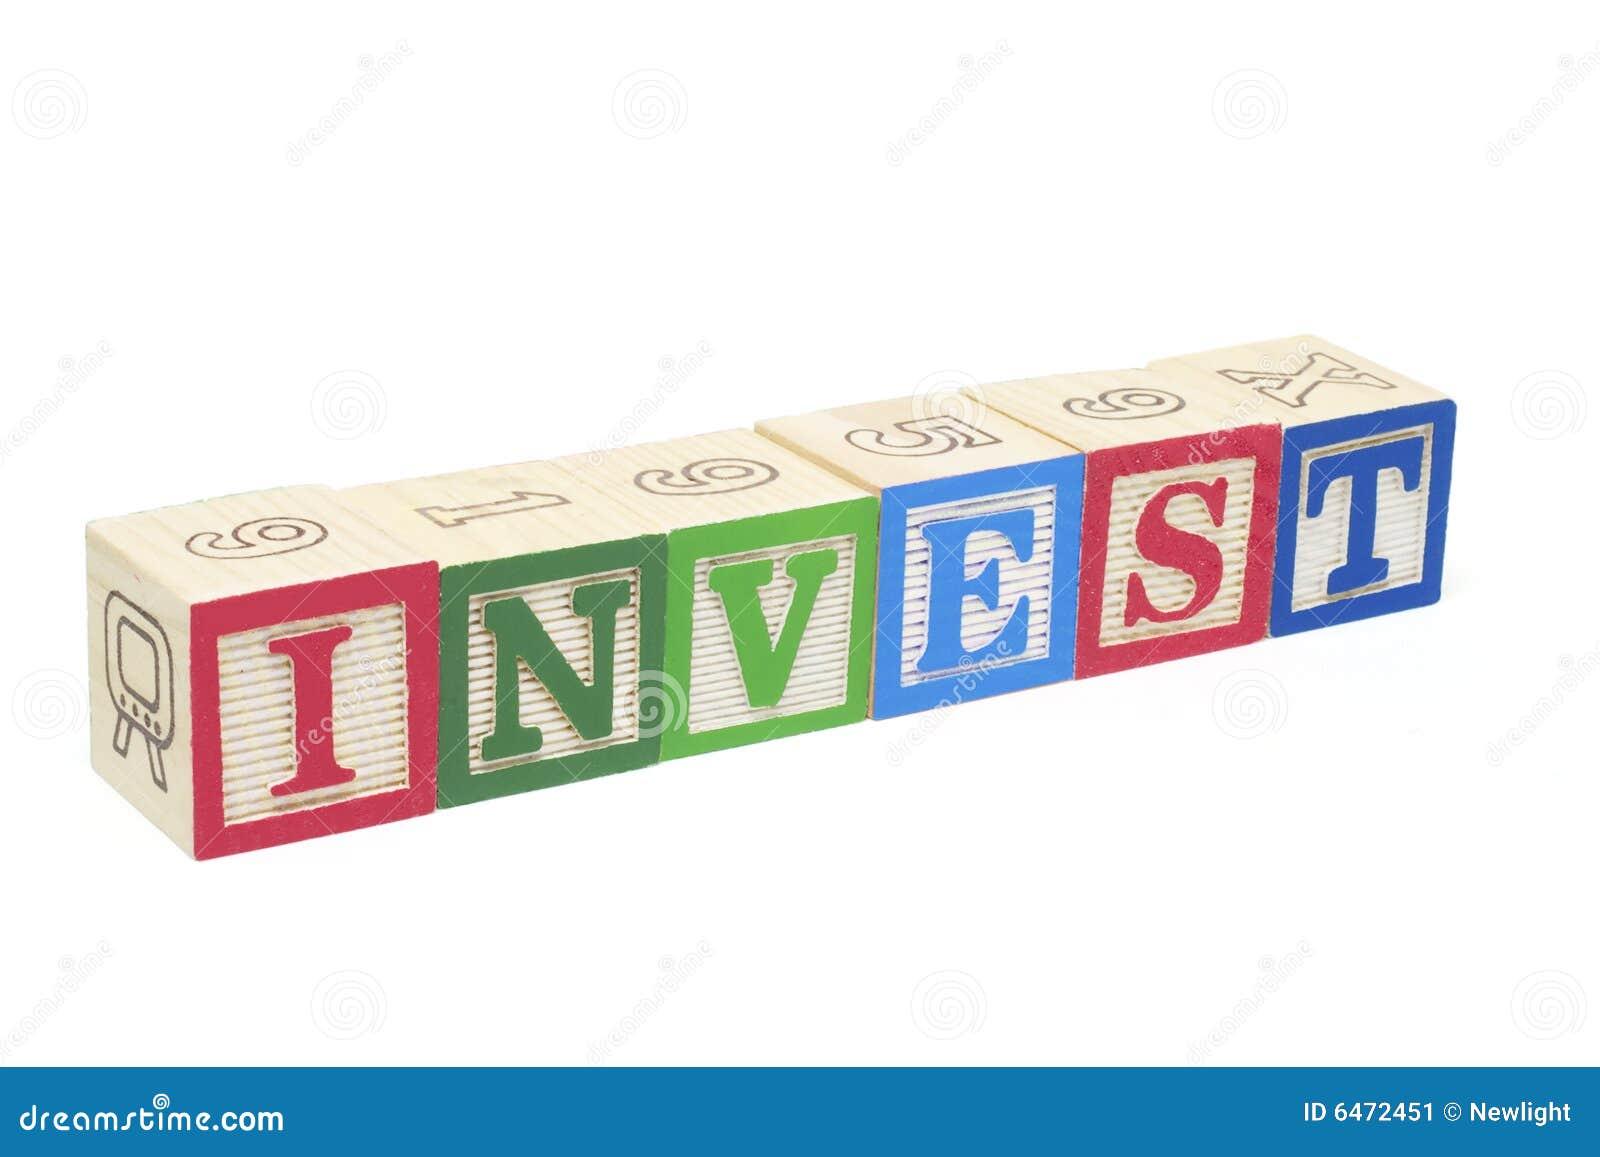 Los bloques del alfabeto - invierta